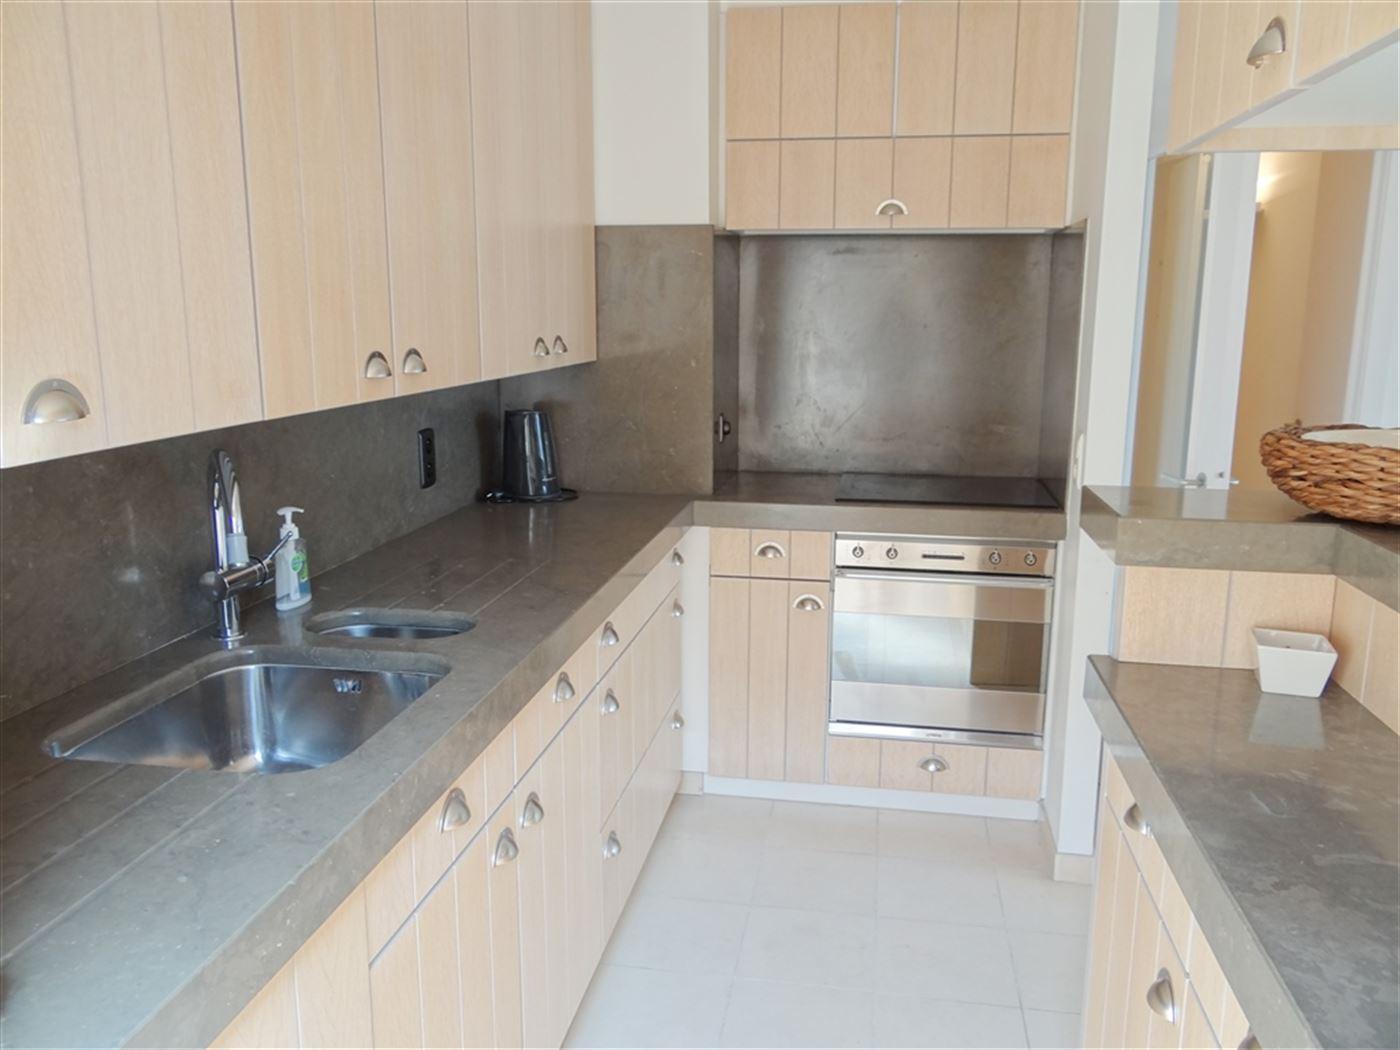 TE HUUR OP JAARBASIS - Ruim appartement met zijdelings zeezicht - ingerichte keuken in natuursteen met frigo, vaatwas, oven en elektrisch fornuis - in...